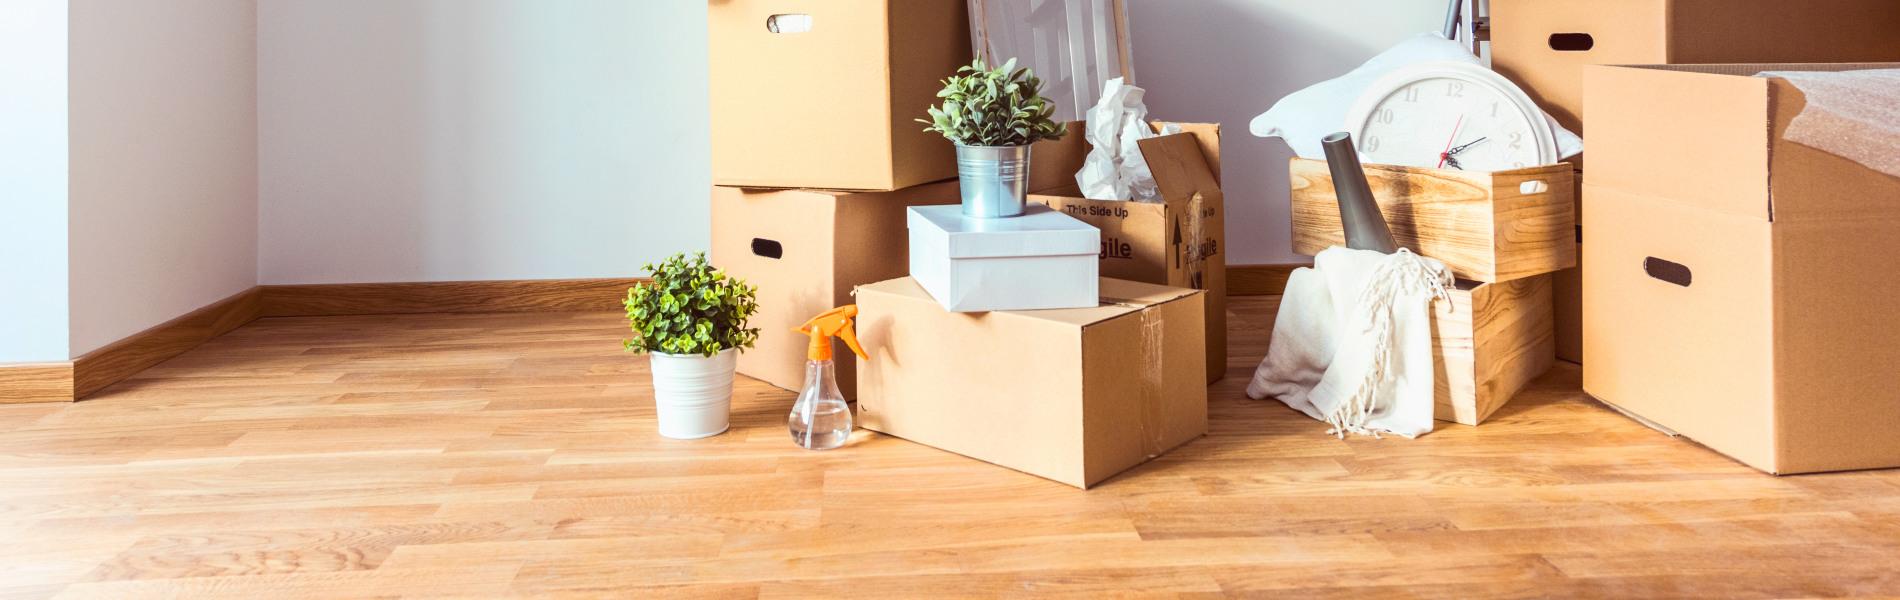 Cartons de déménagement dans un nouvel appartement